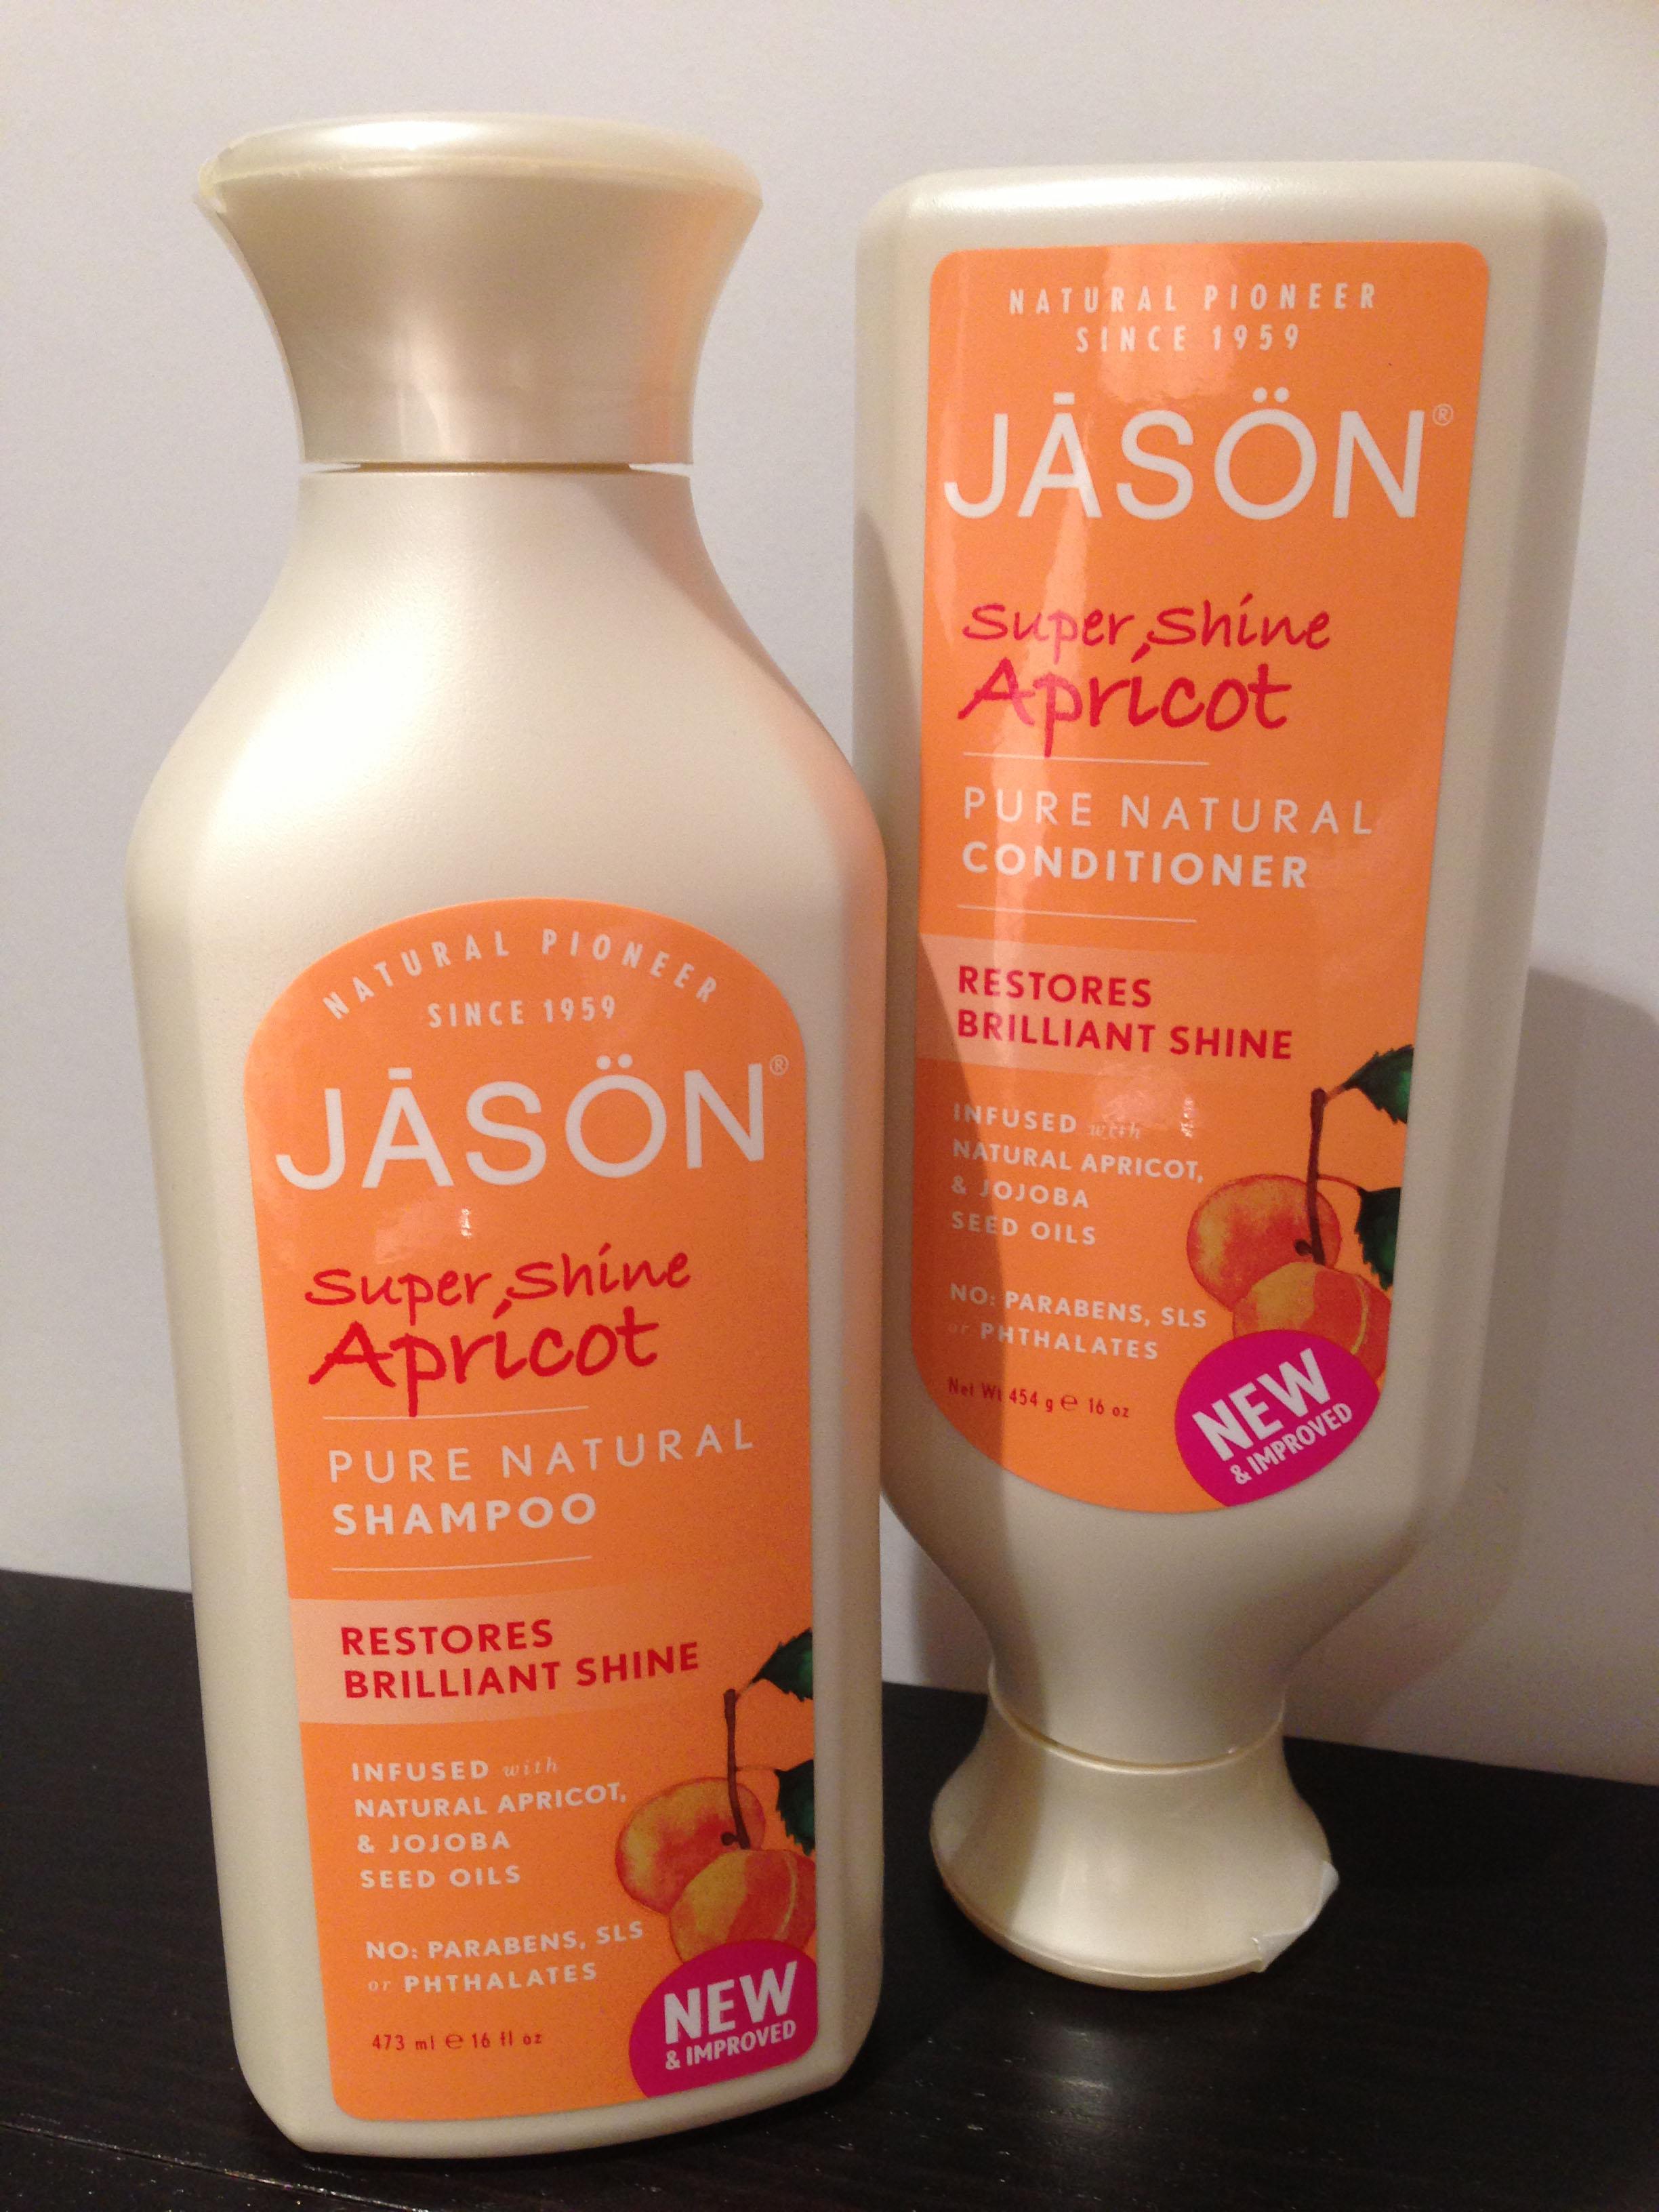 Jason Apricot shamppo